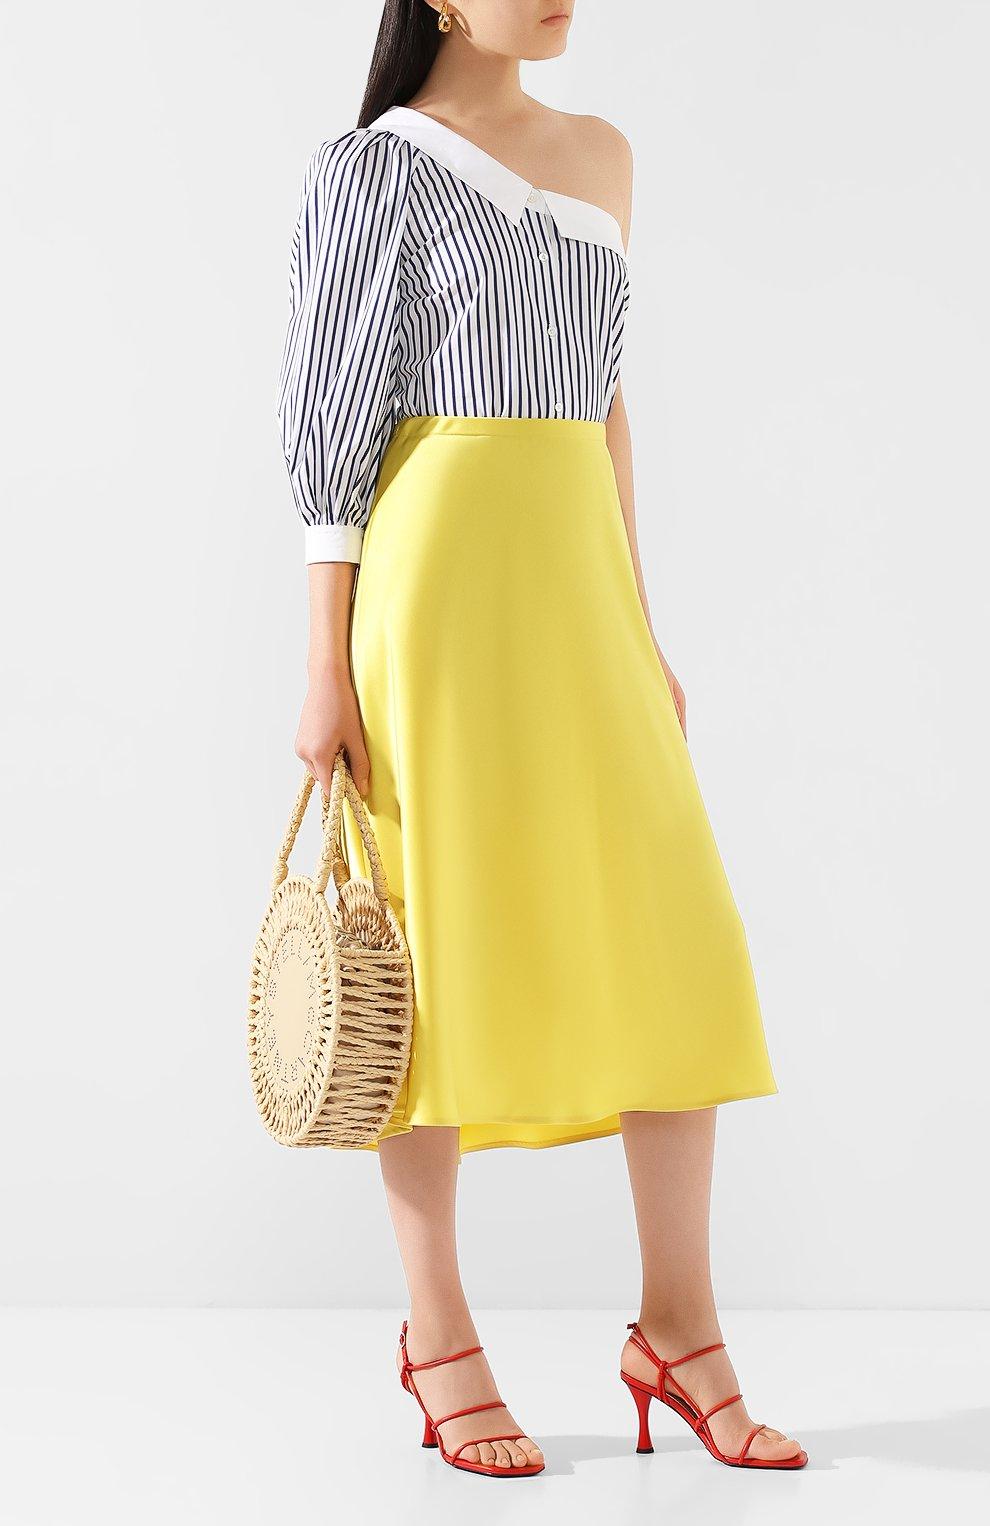 Женская юбка-миди ESCADA желтого цвета, арт. 5032905   Фото 2 (Материал внешний: Синтетический материал; Длина Ж (юбки, платья, шорты): Миди)